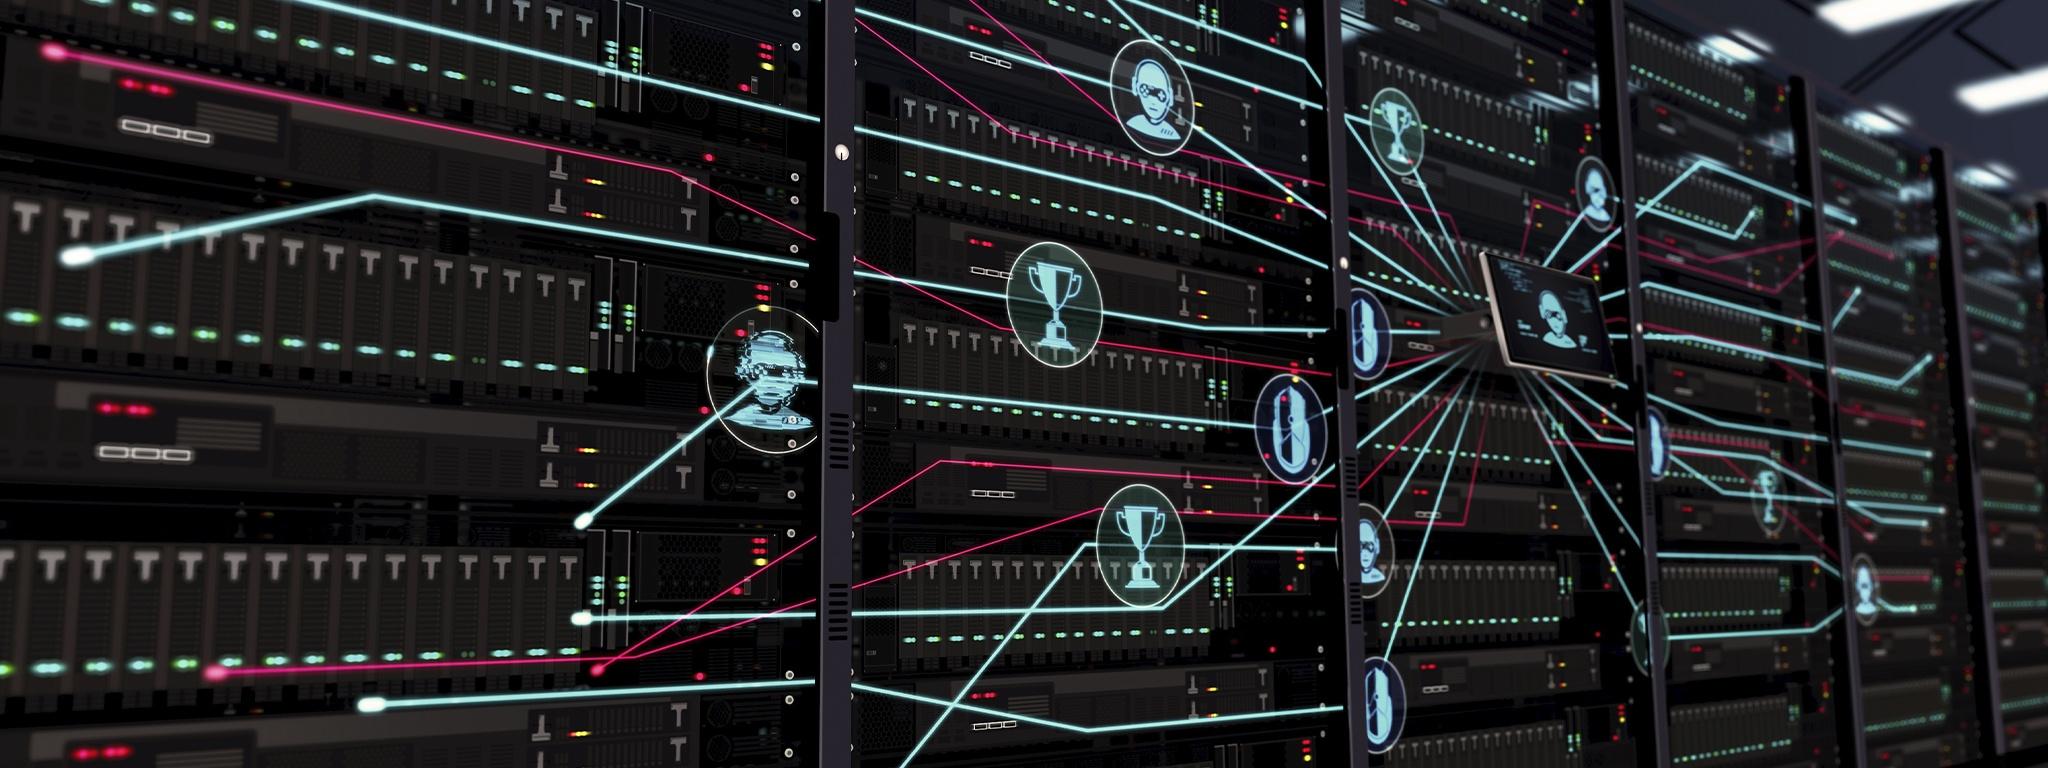 veri merkezindeki sunucu raflarında video oyunu ve eSpor resimli simgeleri